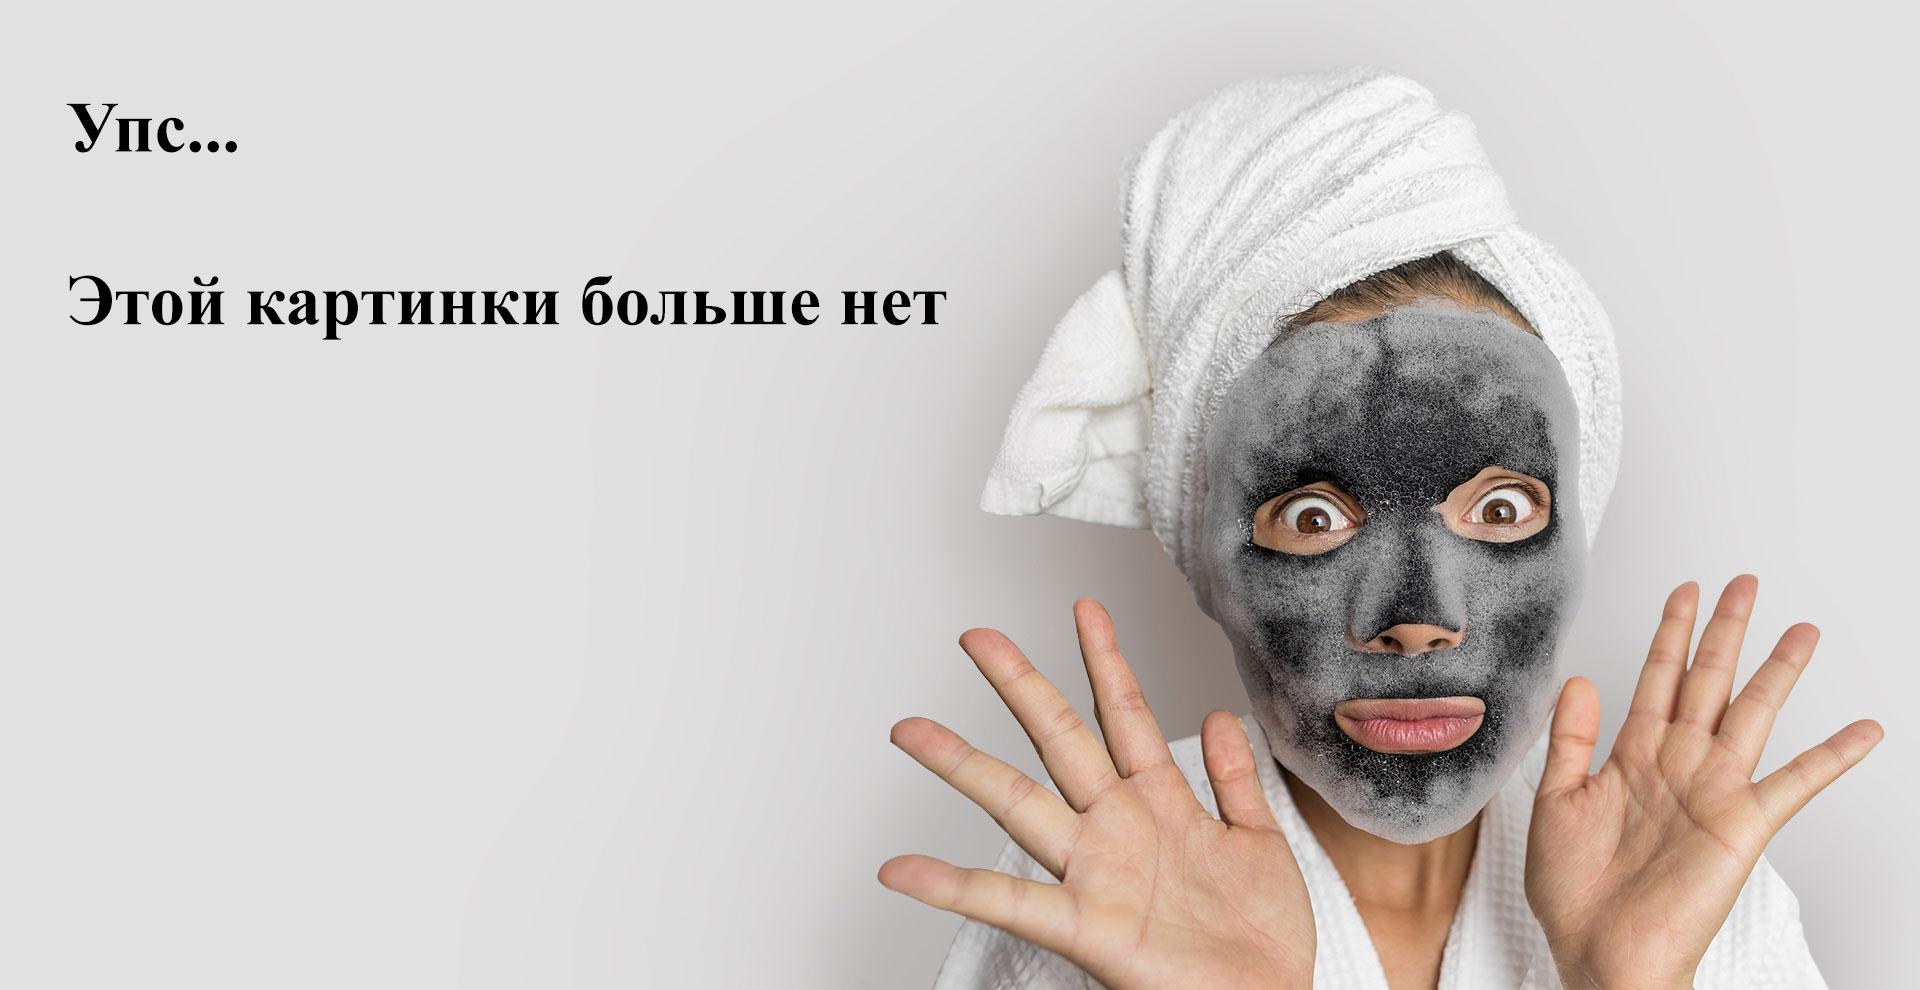 Vogue Nails, Гель-лак Кошачий глаз, Янтарная крошка